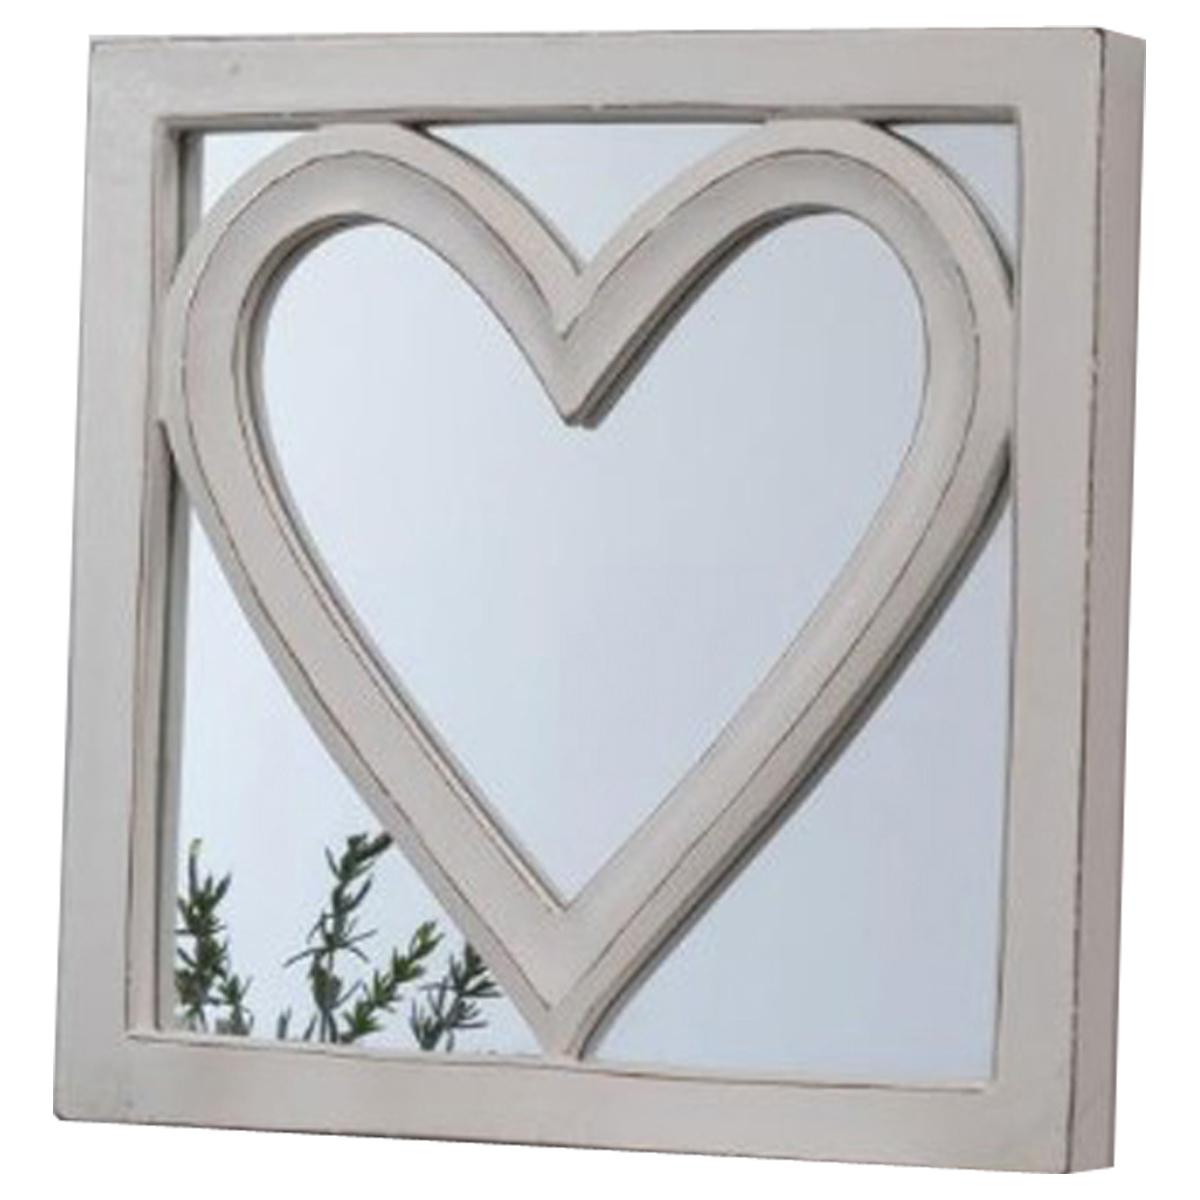 Hand Made Love Heart Wall Mirror Interior Flair